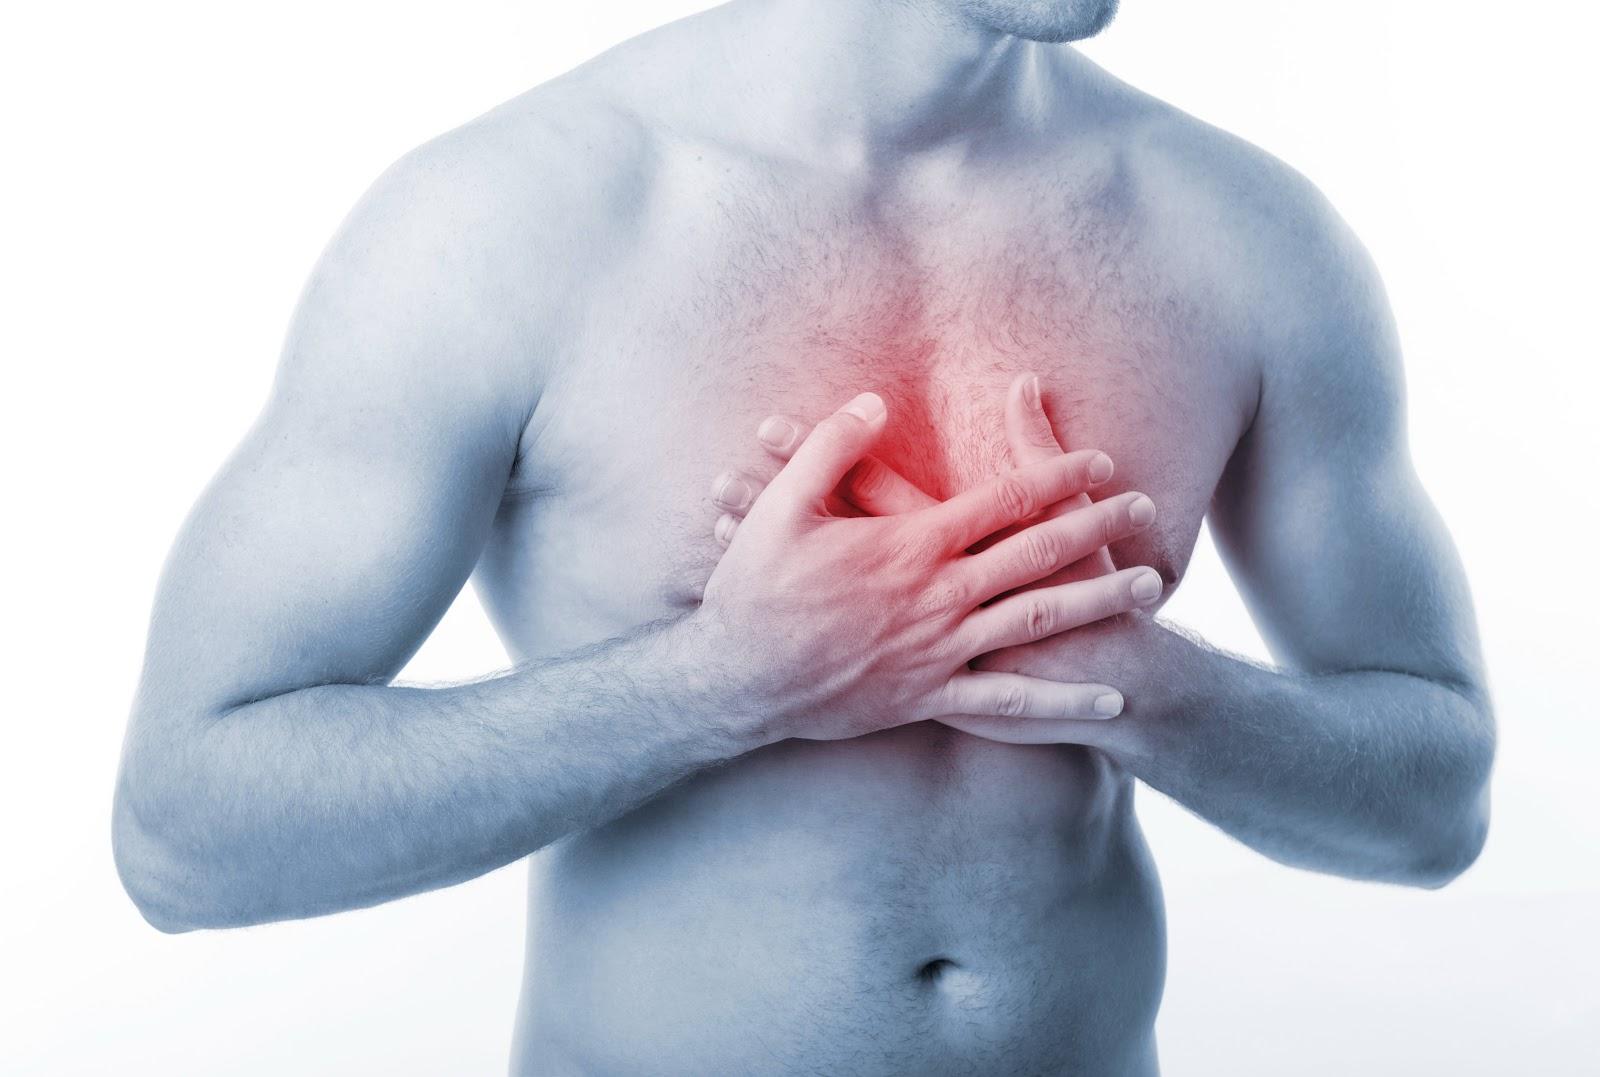 Приступ стенокардии. Сердечный приступ. Причины, симптомы, первая помощь